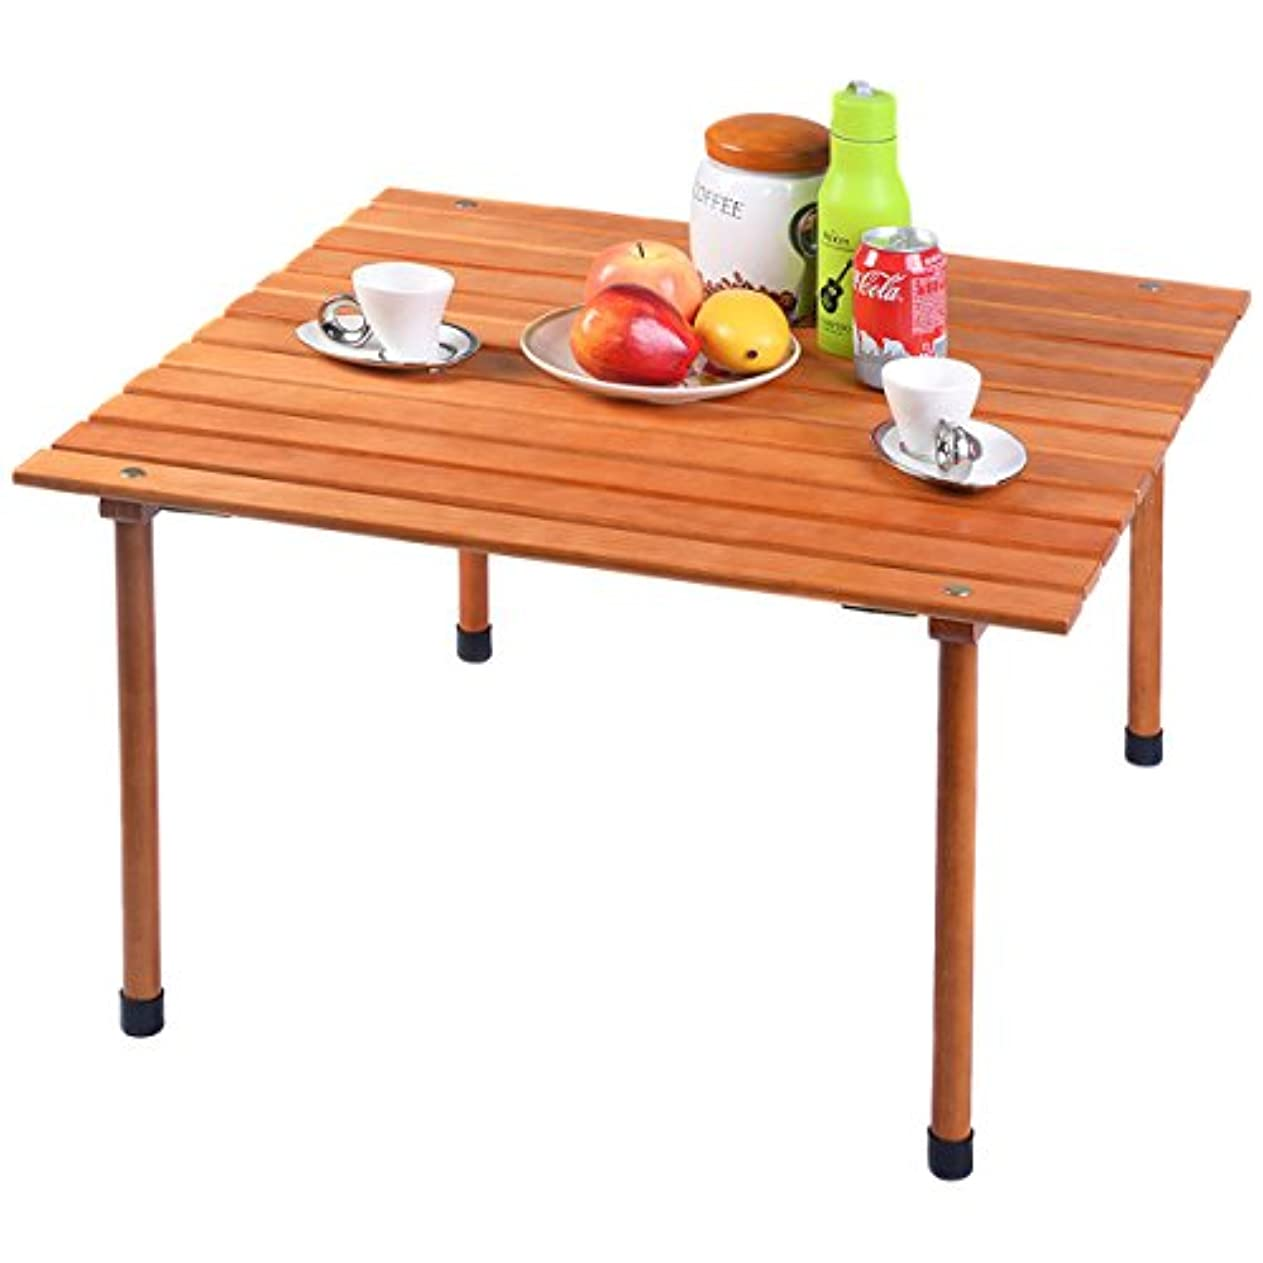 解任葉を拾うブリリアントchonlakrit Wood Roll Upテーブル折りたたみキャンプアウトドアインドアピクニックW/バッグ